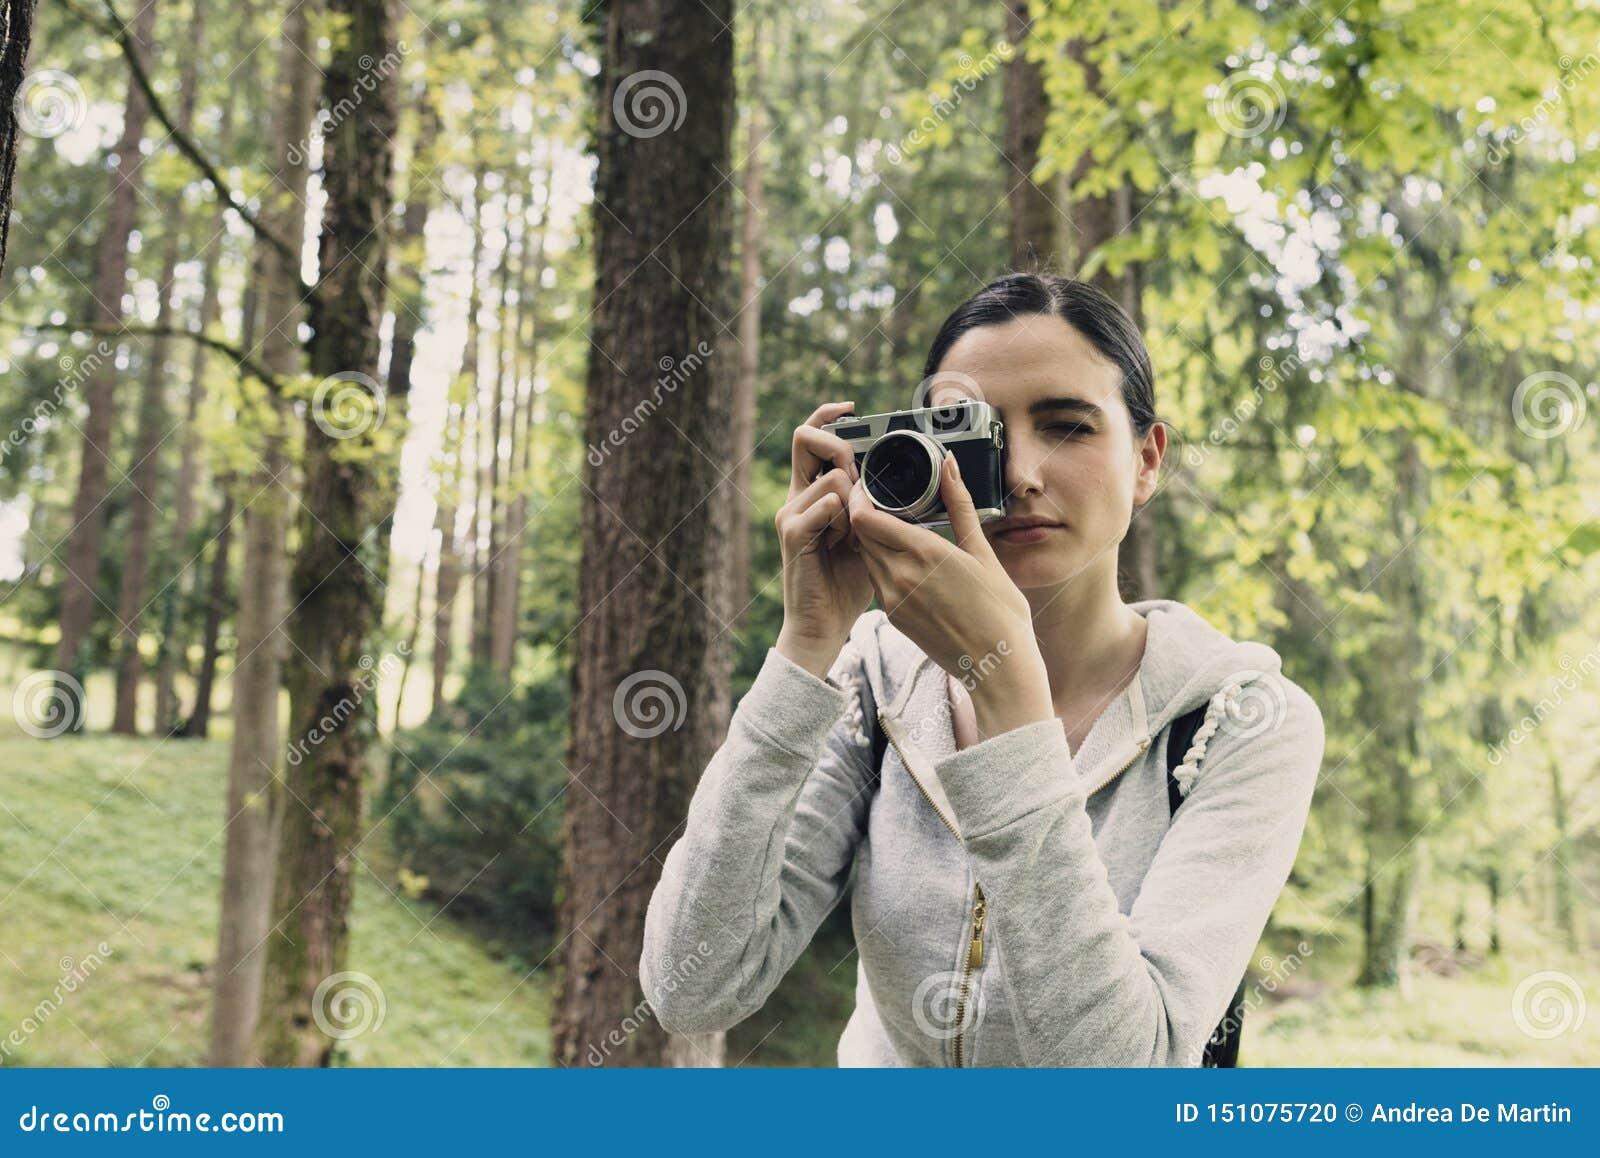 Junge Frau, die in Natur geht und Fotos macht